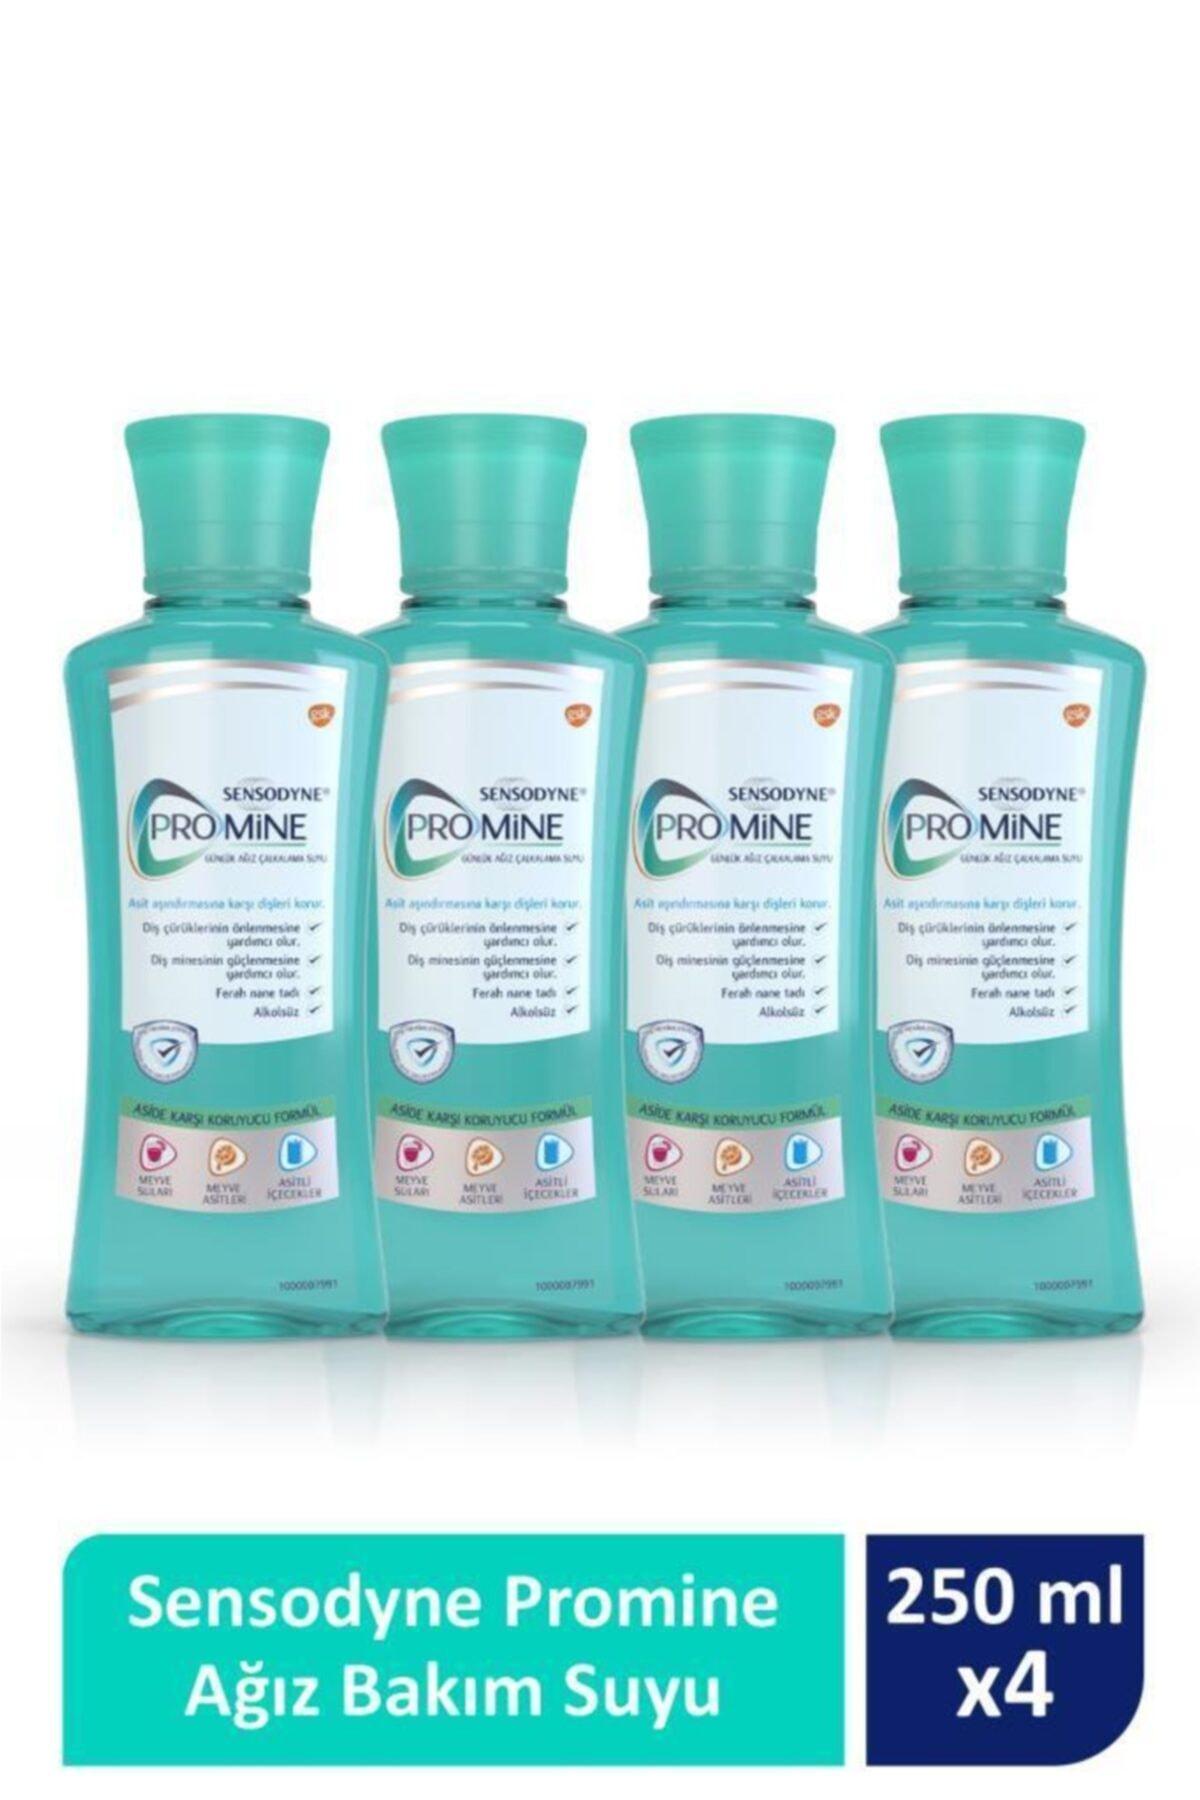 Sensodyne Promine Ağız Bakım Suyu 250ml X 4'lü Paket 1